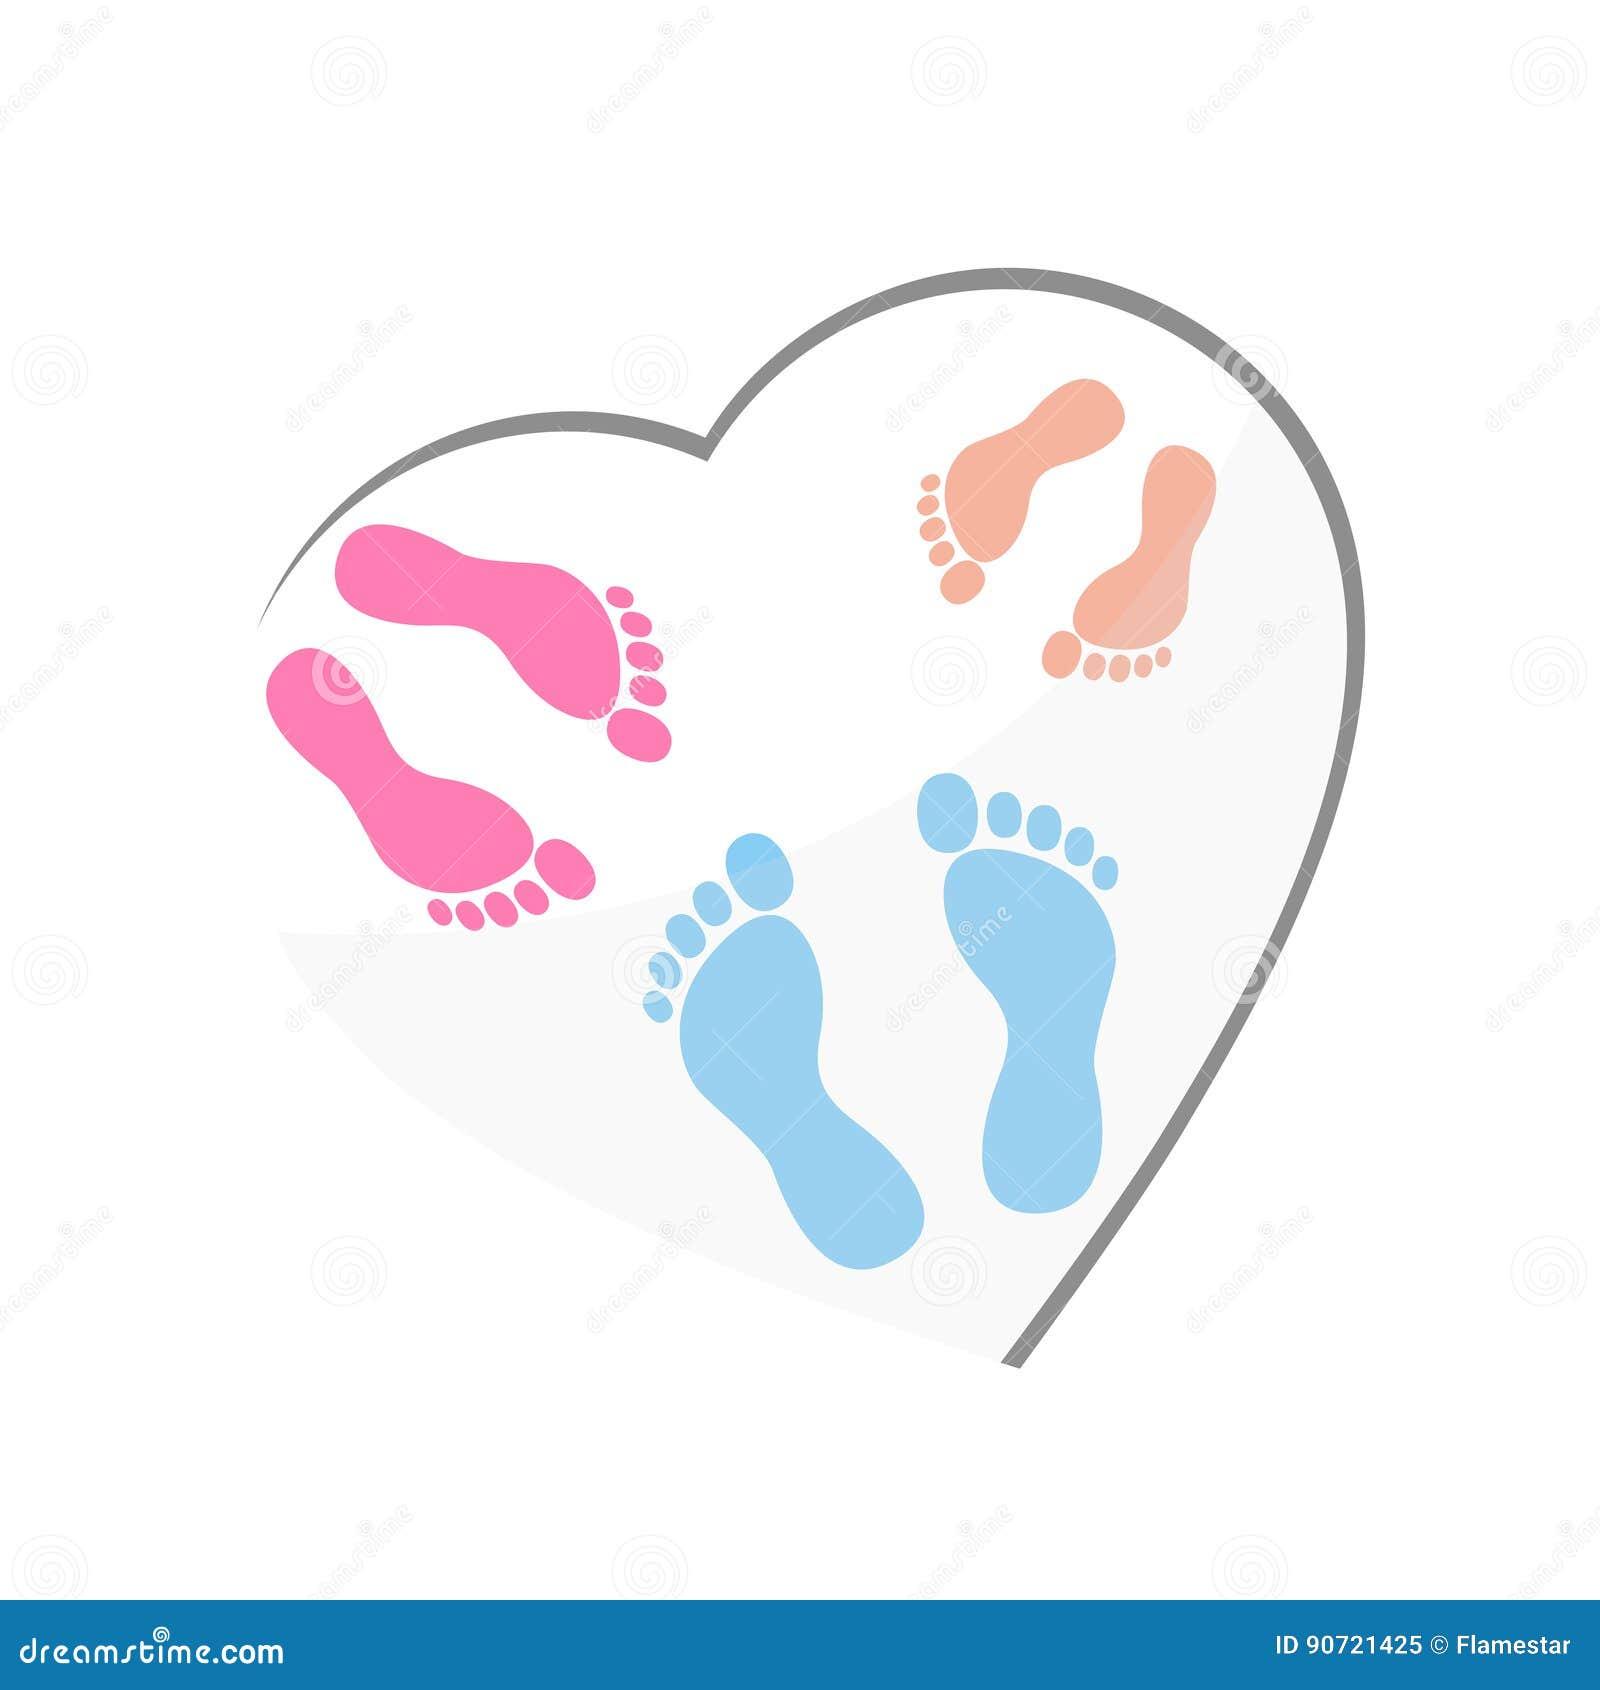 new born baby logo heart cartoon vector